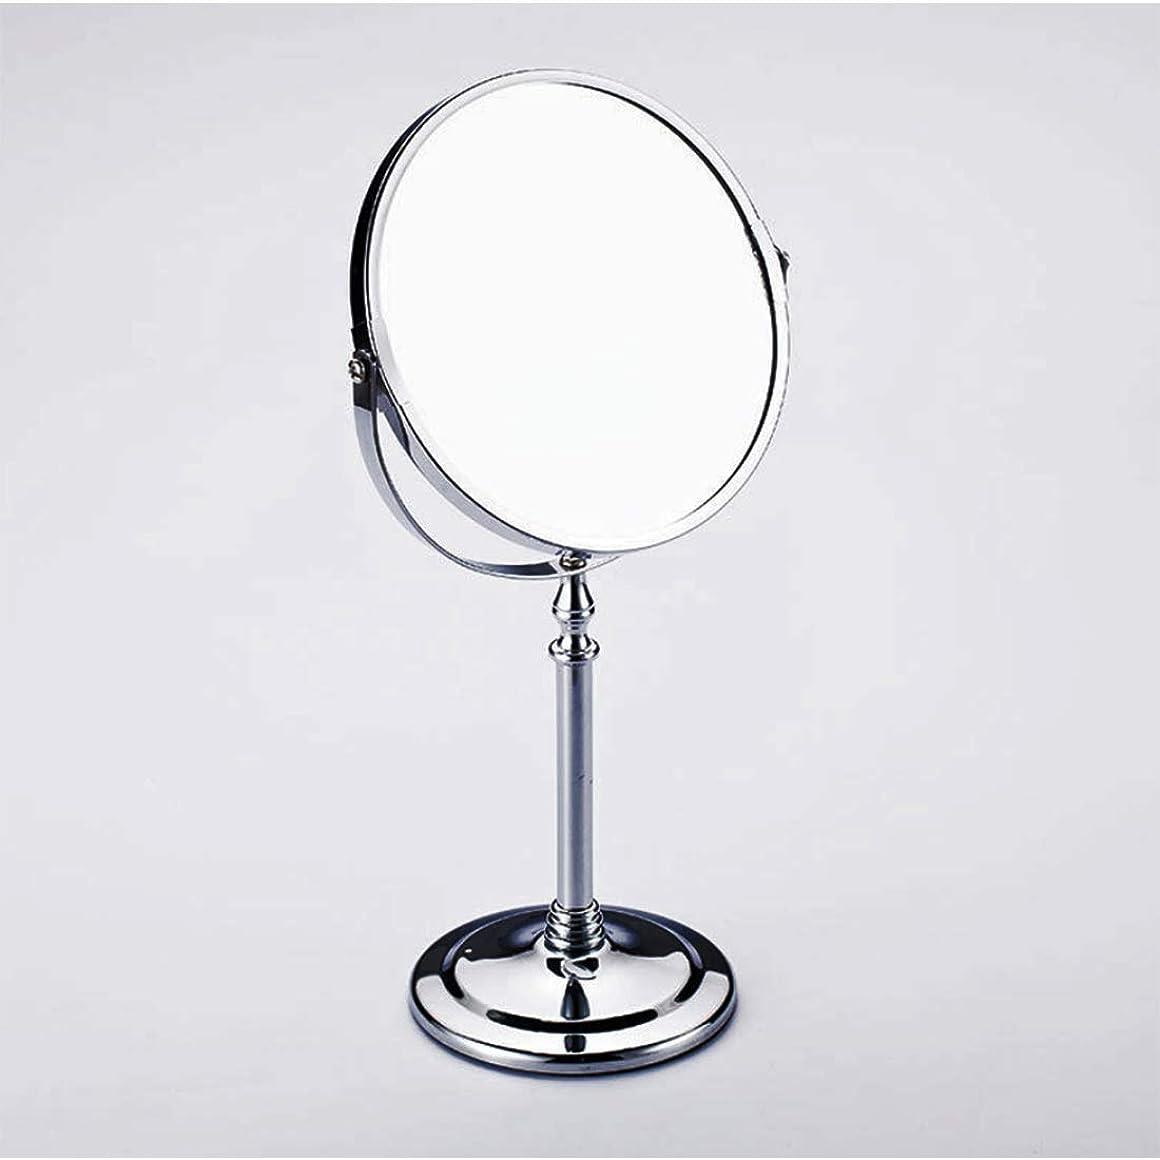 安定旅びんデスクトップ2倍拡大両面化粧鏡360度回転多機能拡大鏡用シェービング化粧